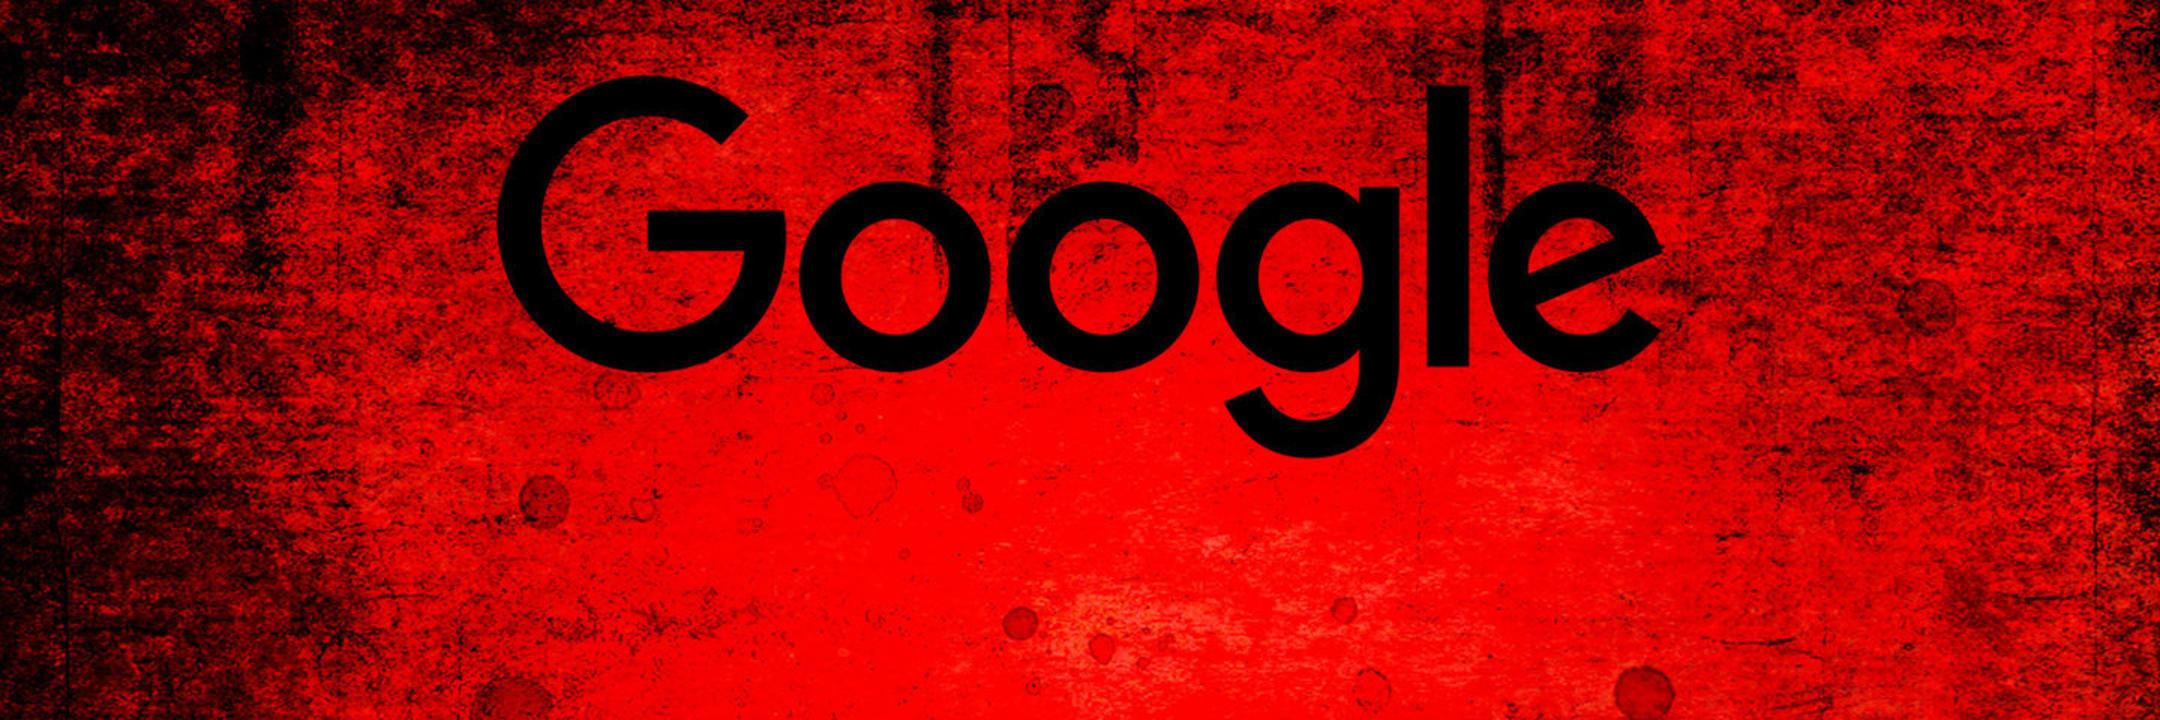 Widerstand gegen Militär-Projekt: Google-Mitarbeiter planen Protest gegen eigenen